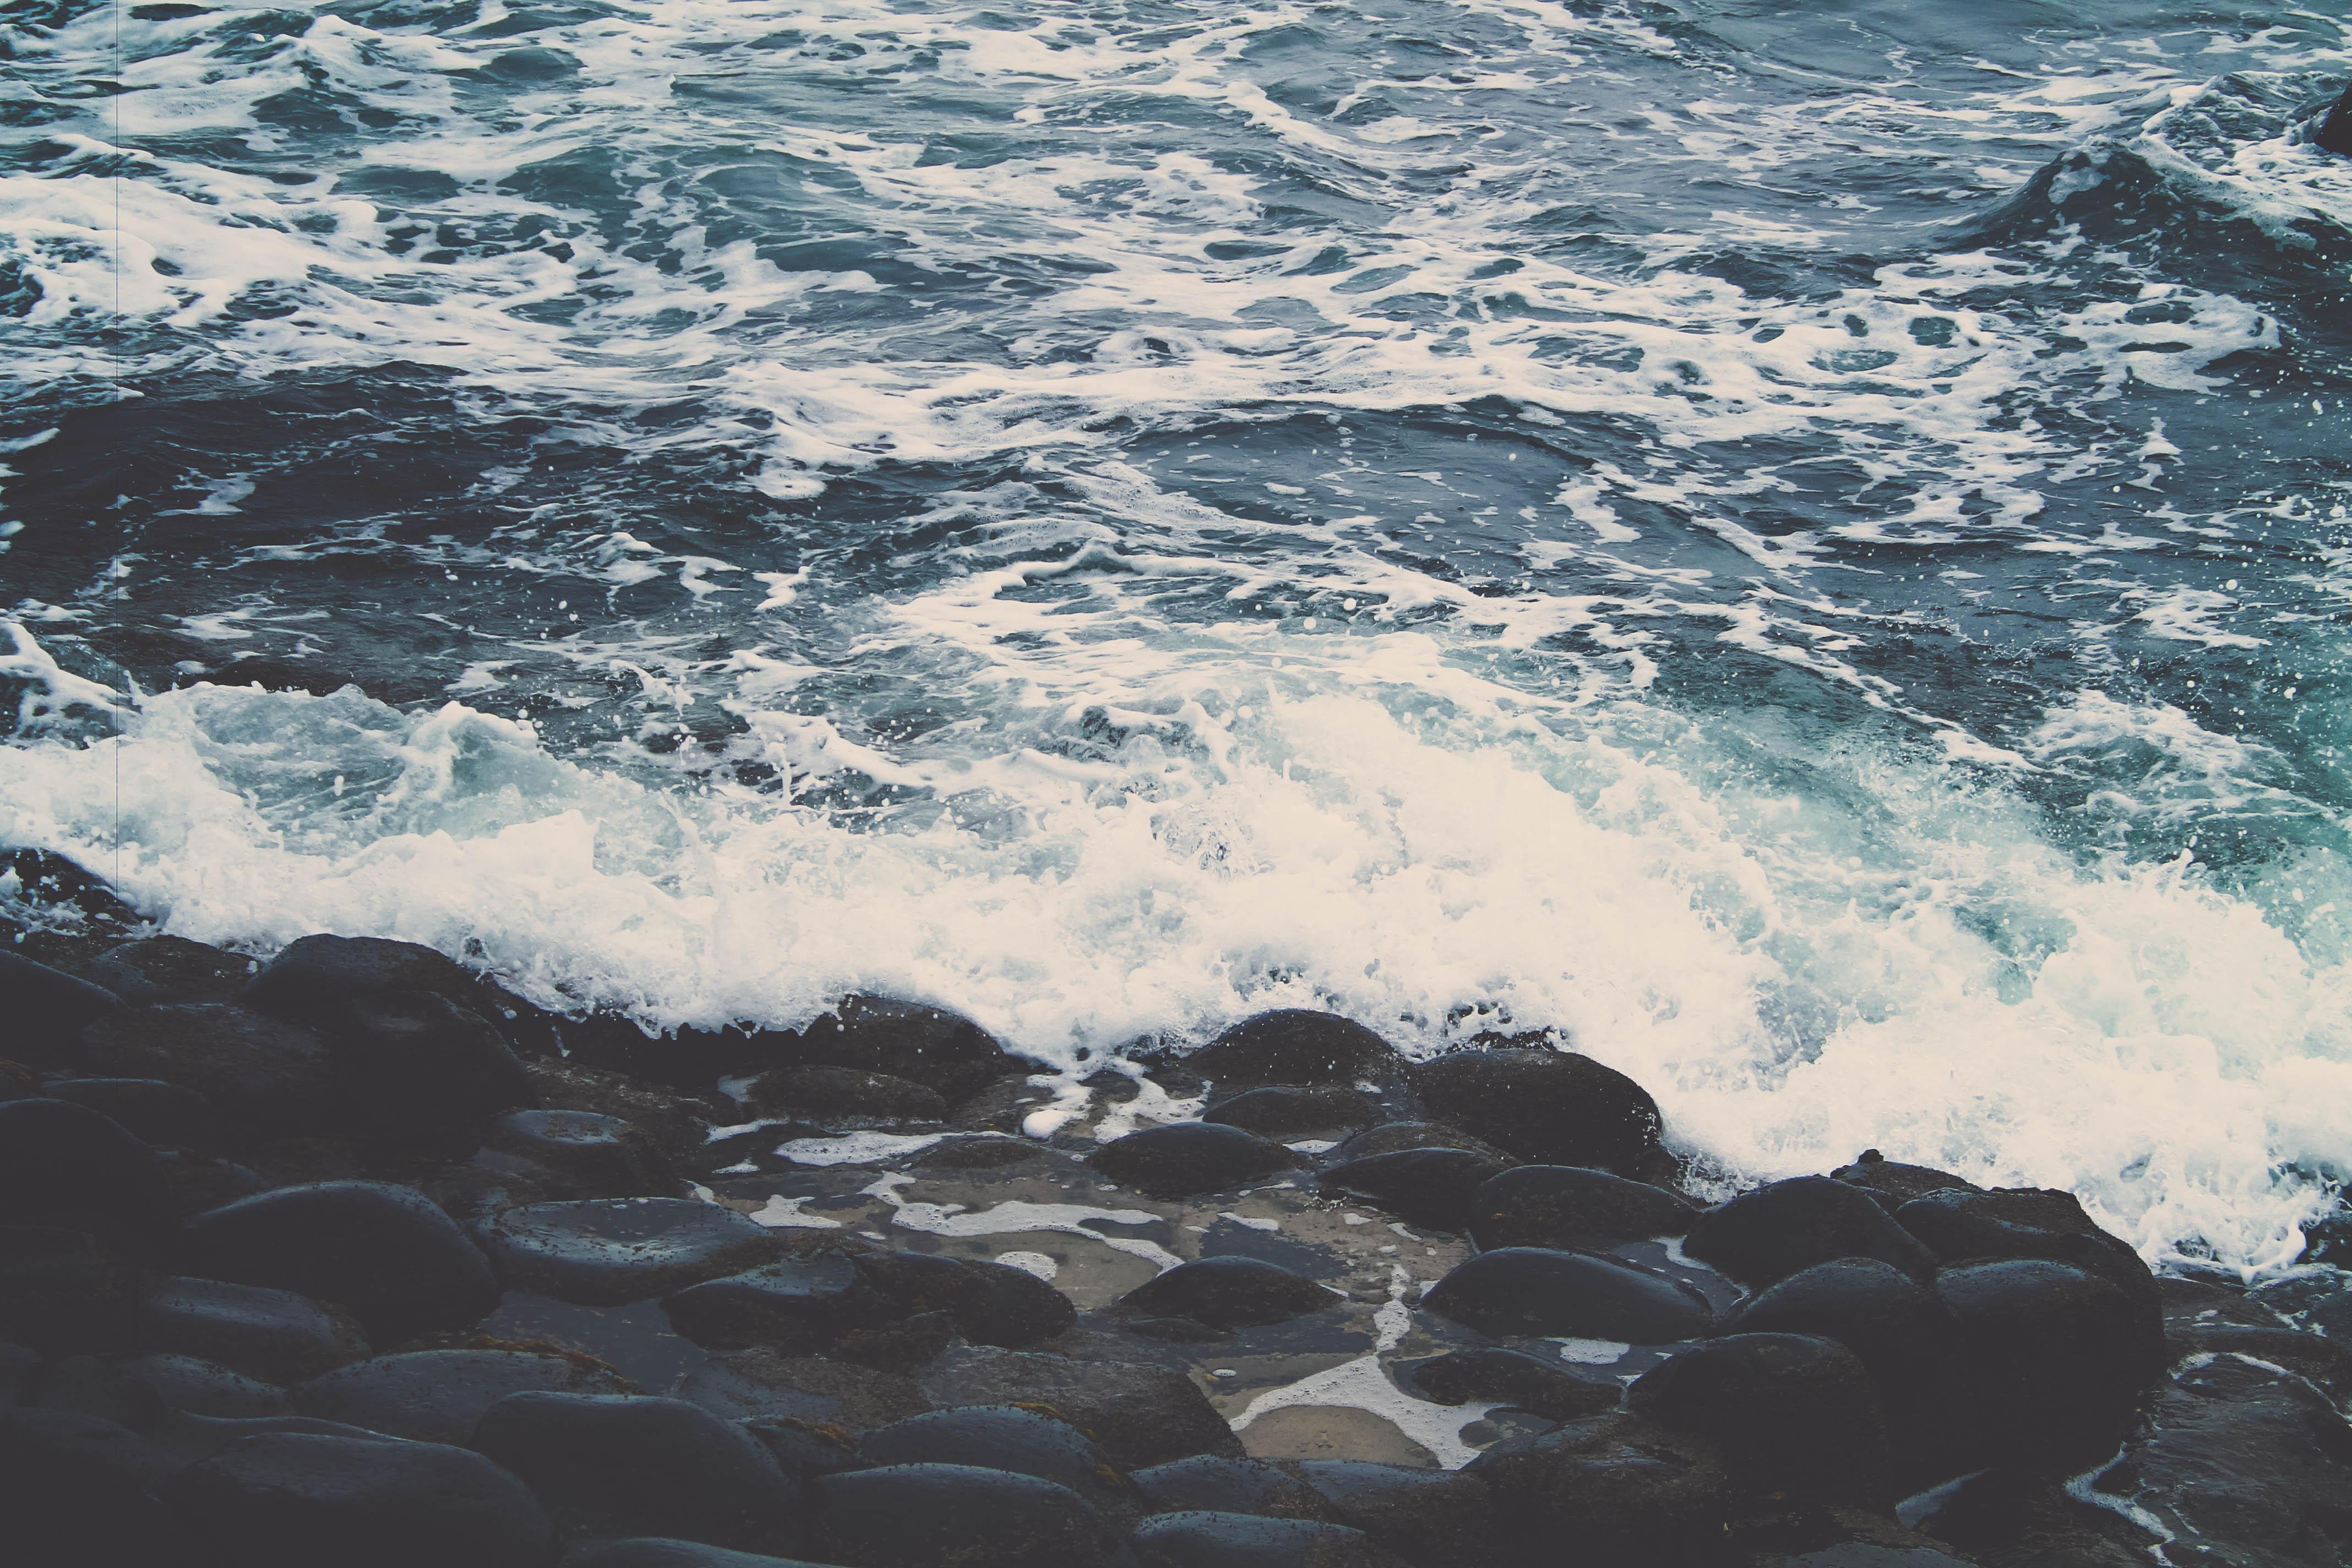 Ondas quebrando no mar sem forma